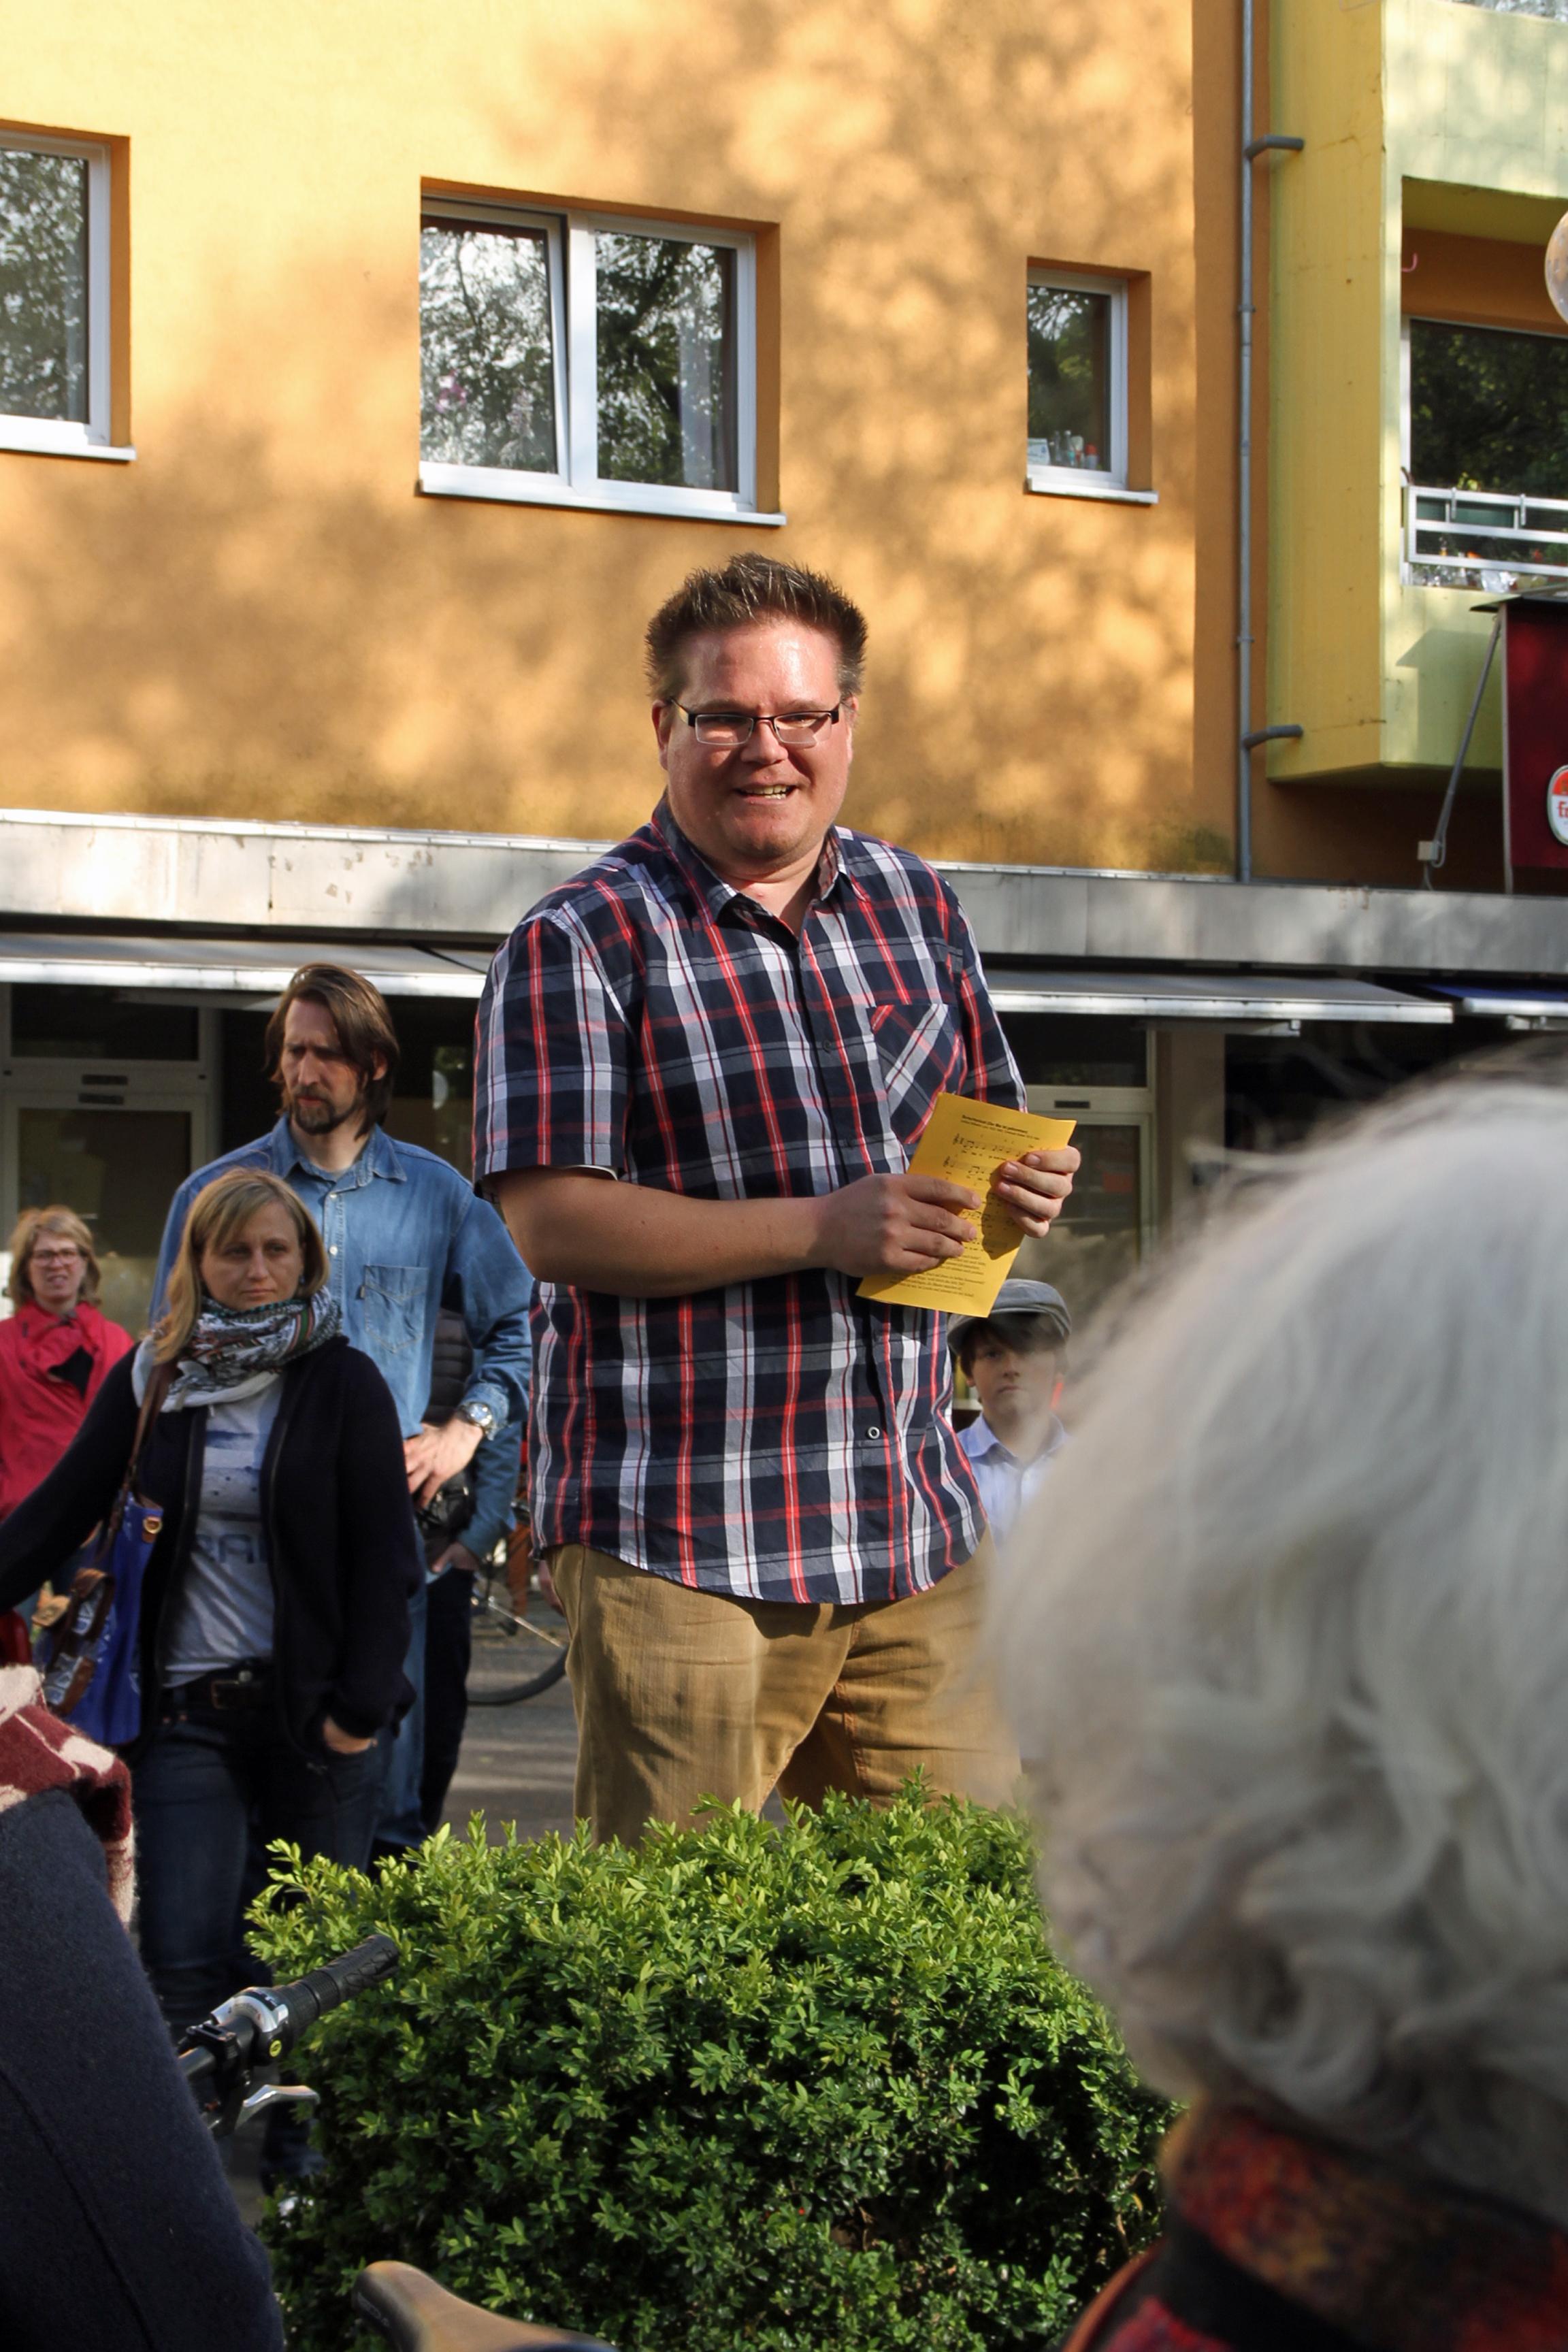 Christian Steins von der CDU